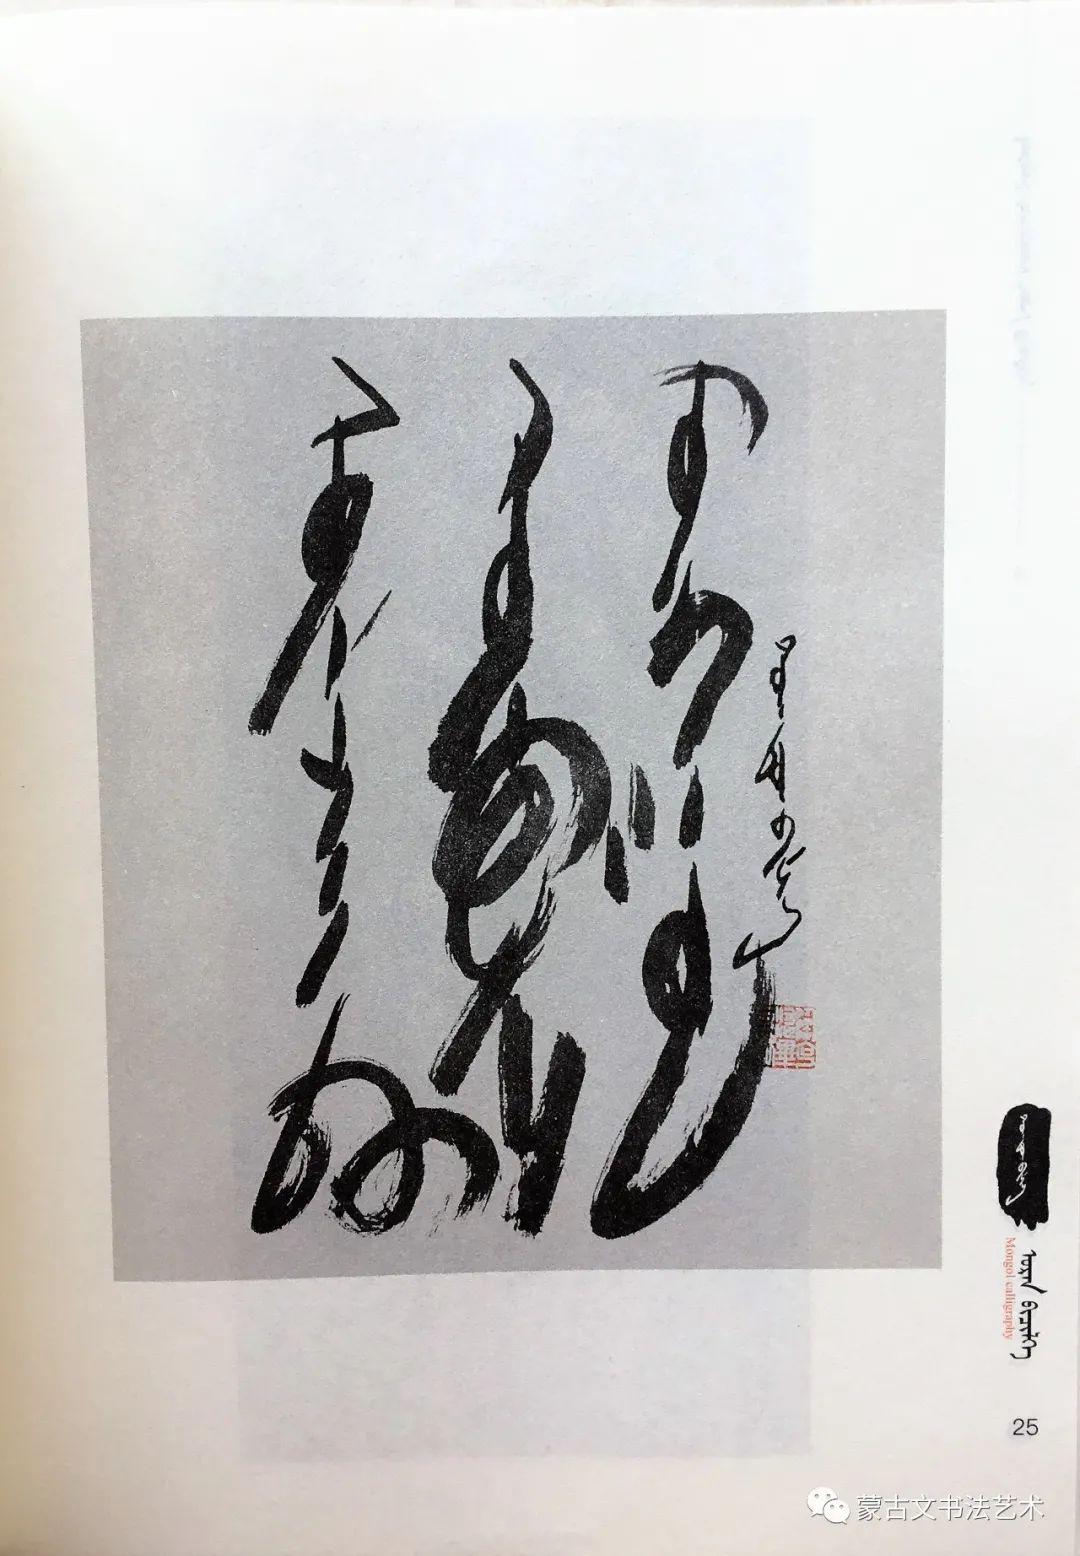 包宝柱《蒙古文经典书法》 第15张 包宝柱《蒙古文经典书法》 蒙古书法